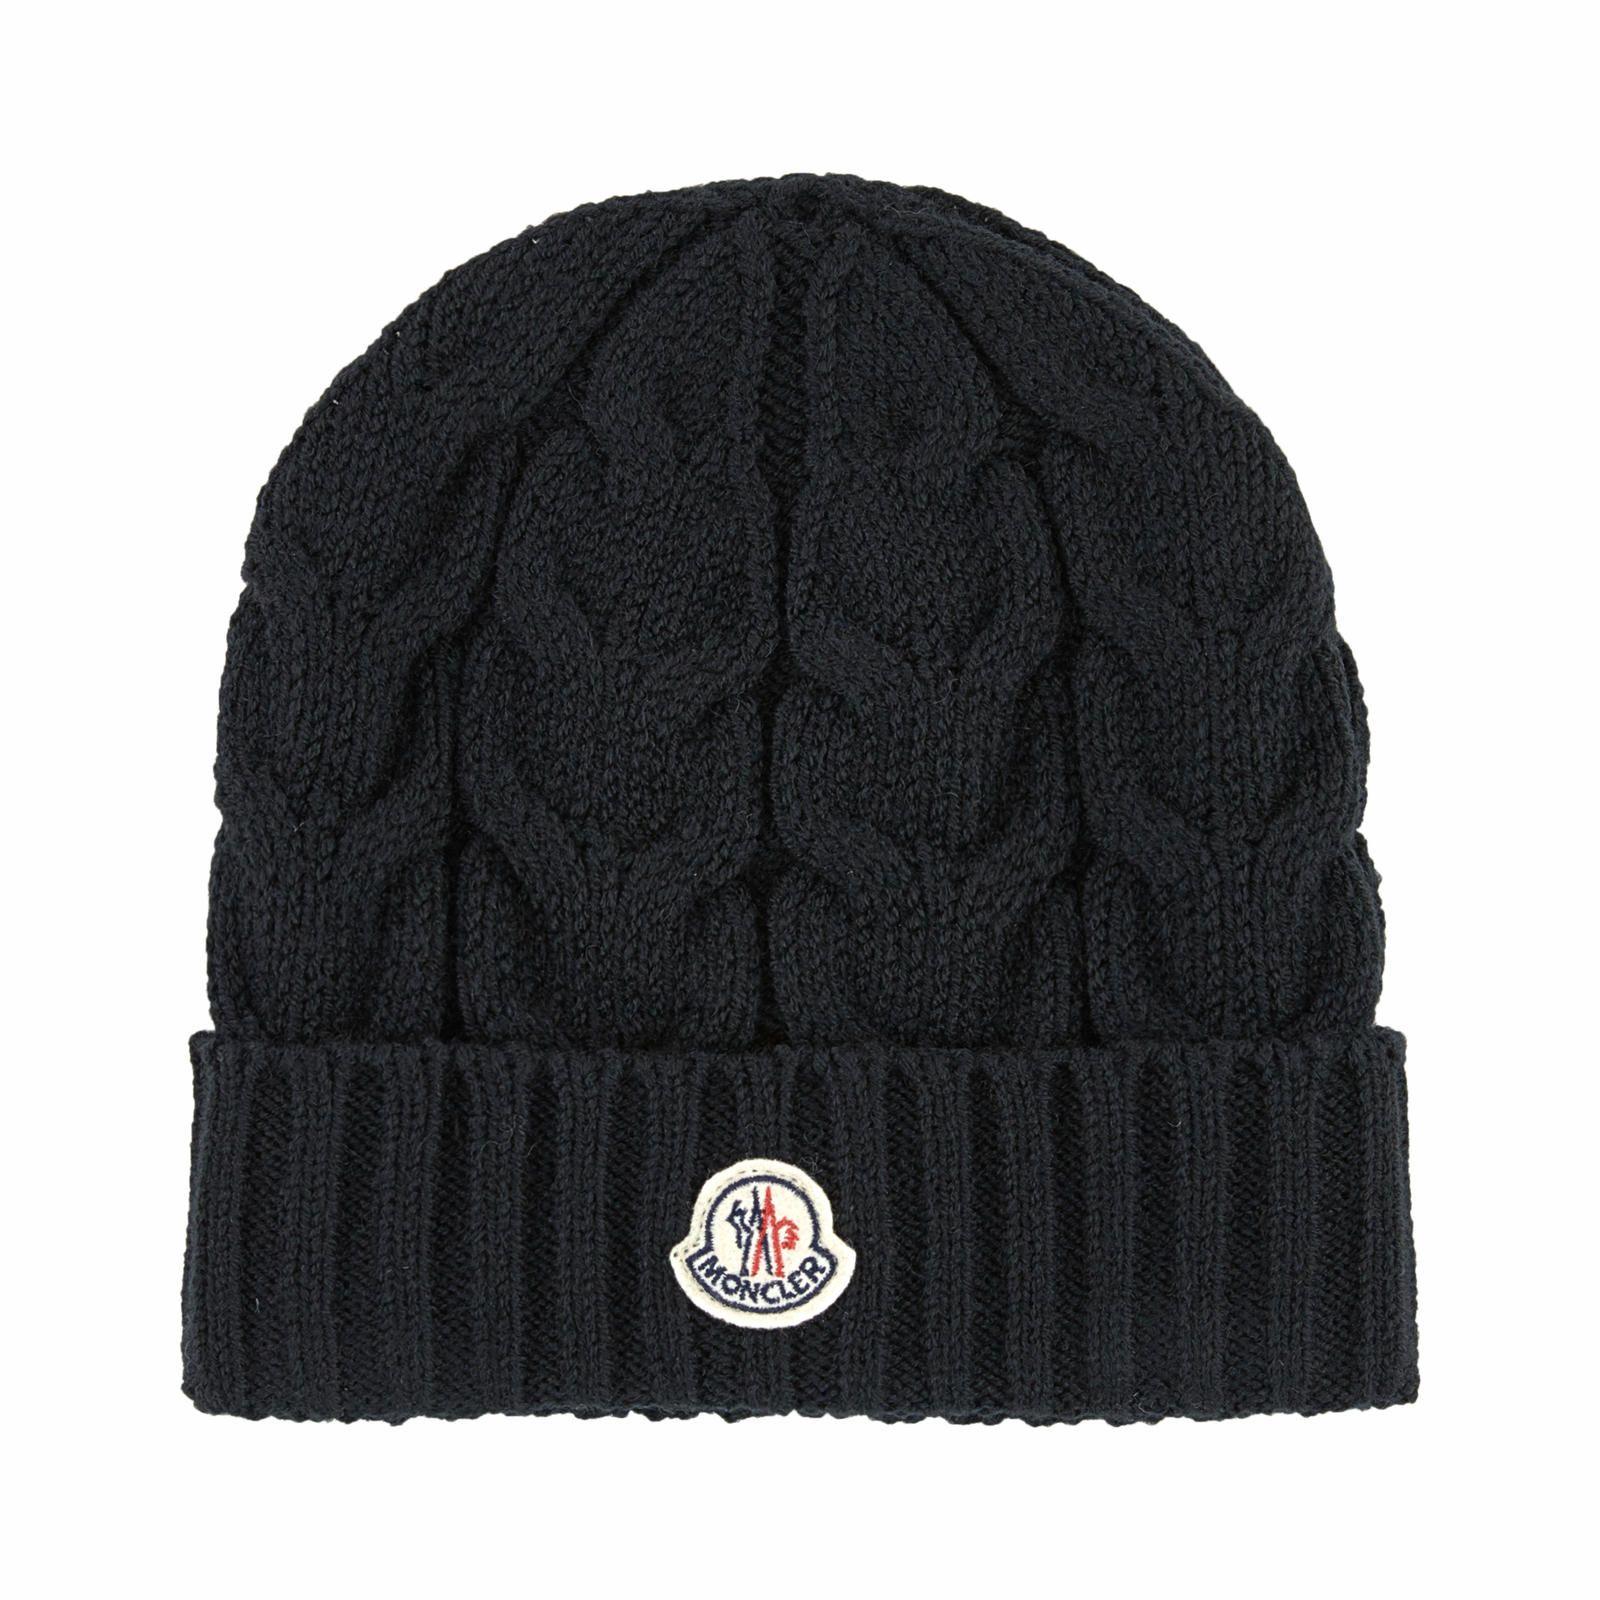 5a129a3d8667 MONCLER Moncler Hat.  moncler